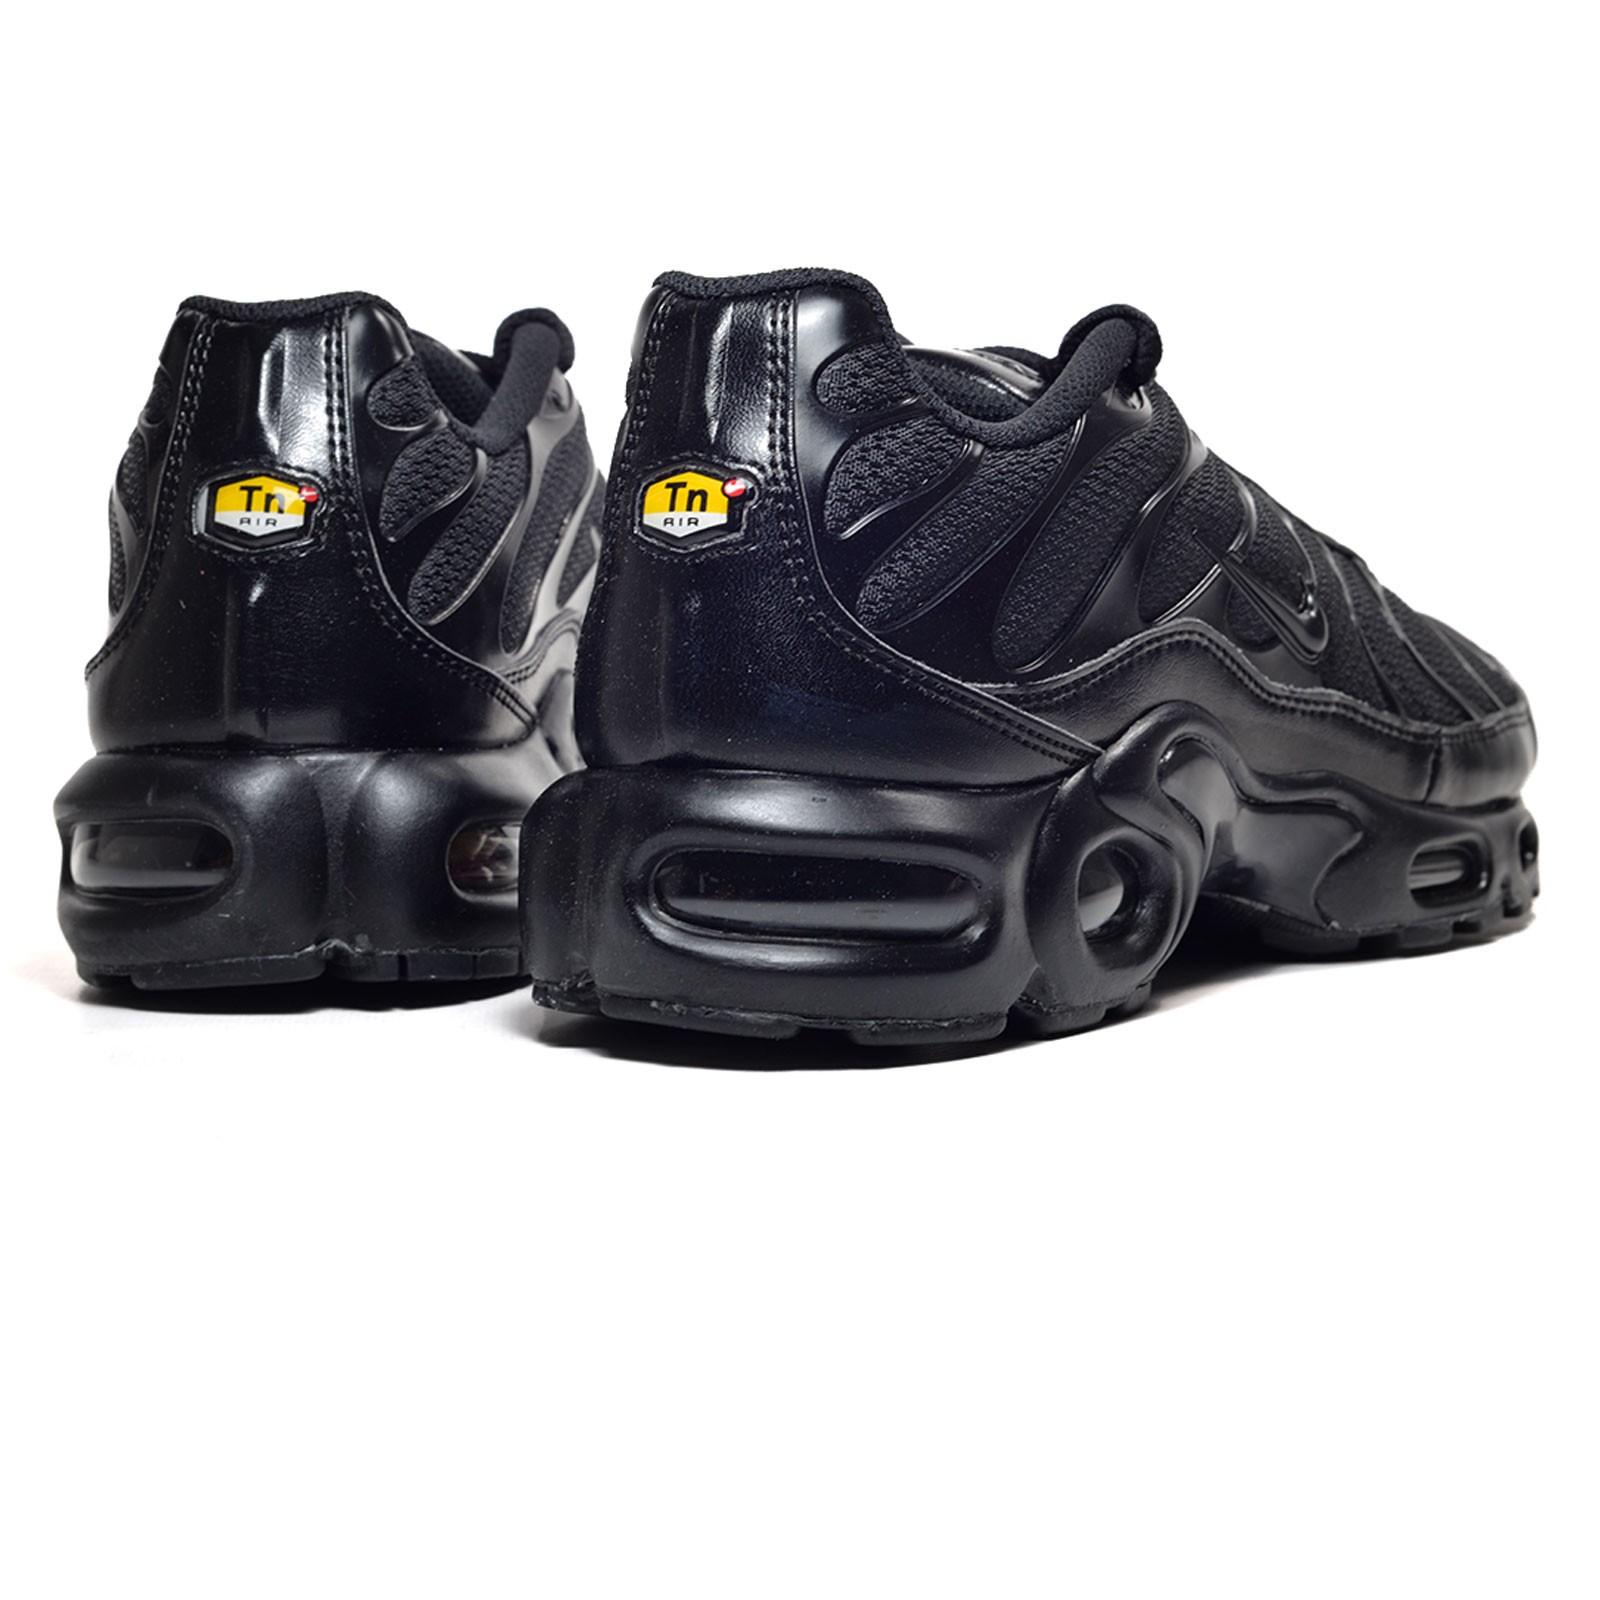 Buy Nike Air Max Plus TN 604133 050 Online | at